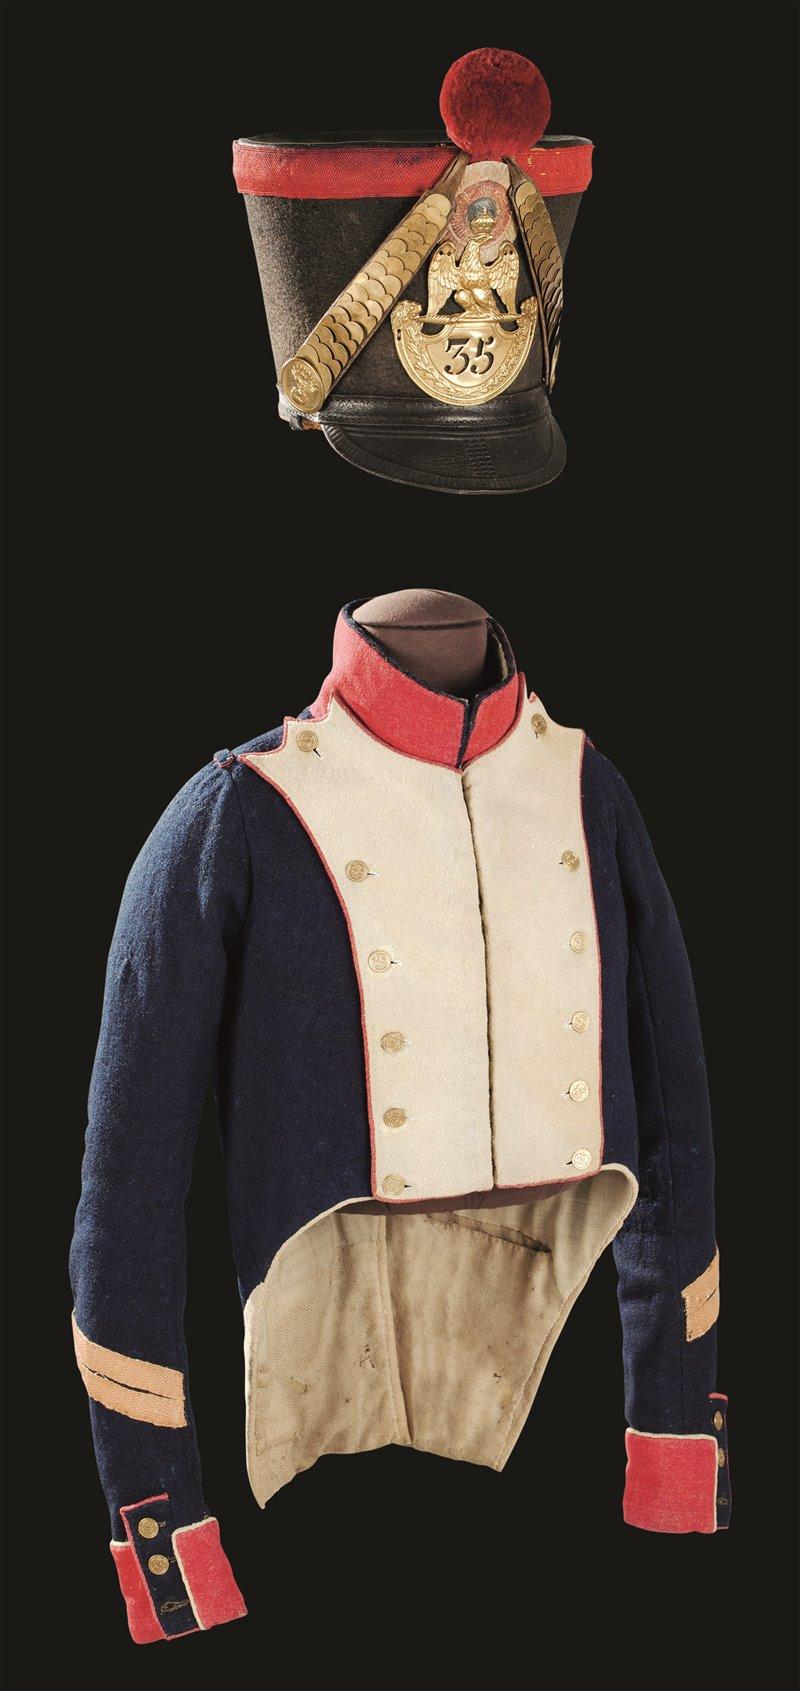 Lo shako aveva il corpo di feltro, la visiera di cuoio e una targhetta metallica su cui era inciso il numero del reggimento. La casacca dell'immagine apparteneva a un caporale